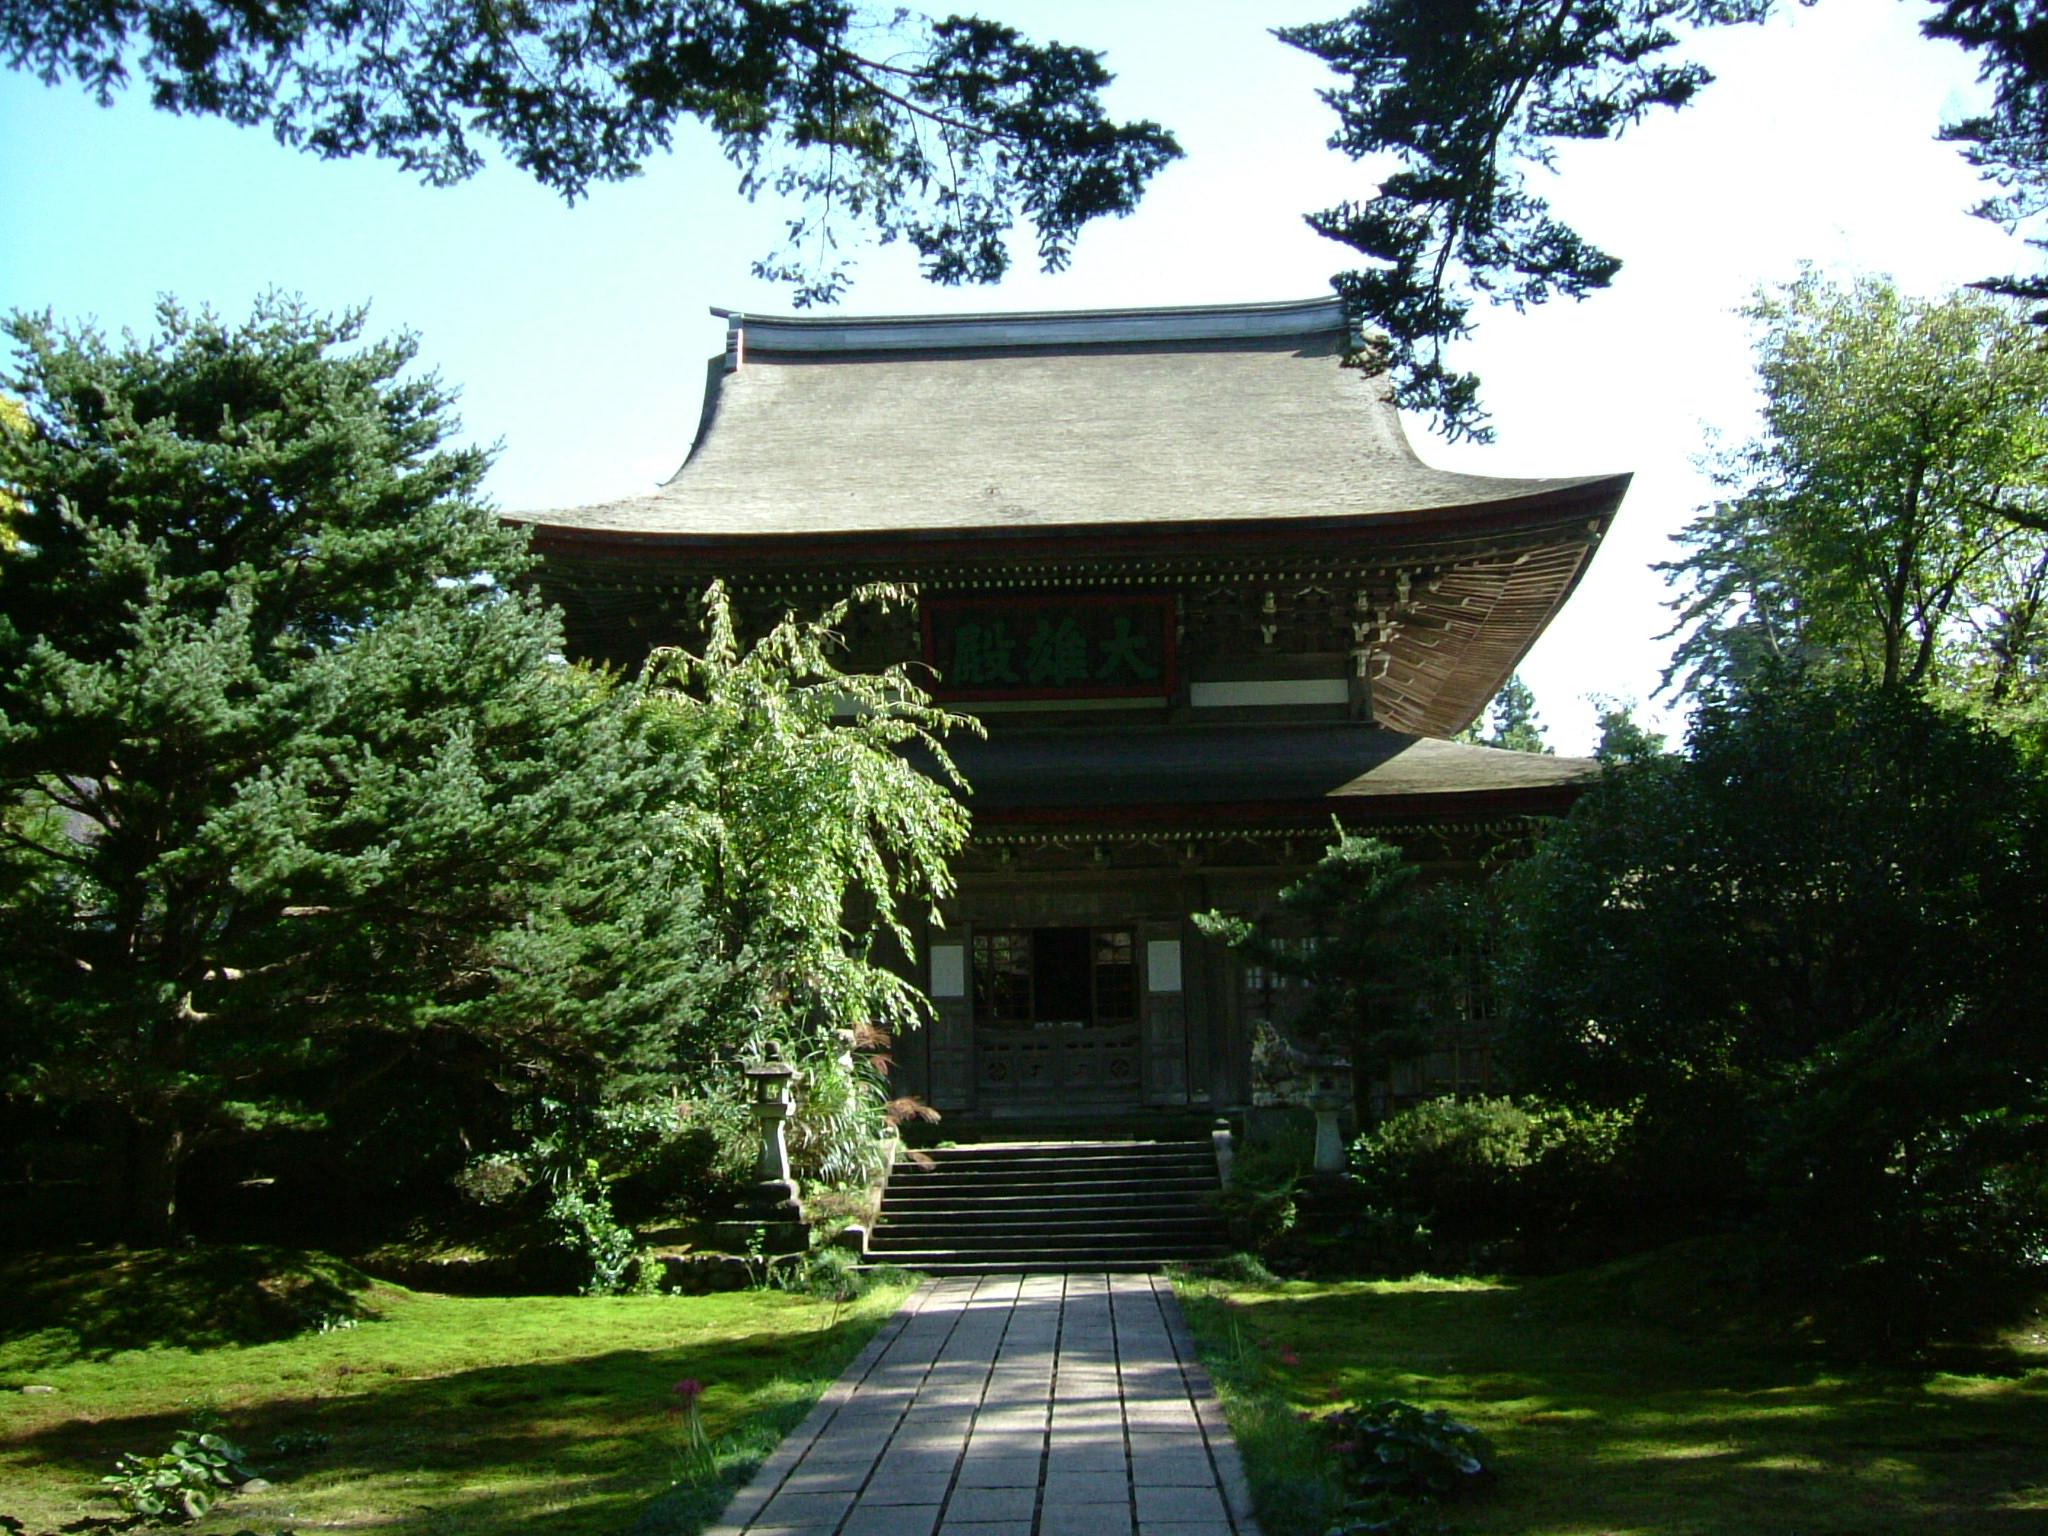 石川県曹洞宗大乗寺